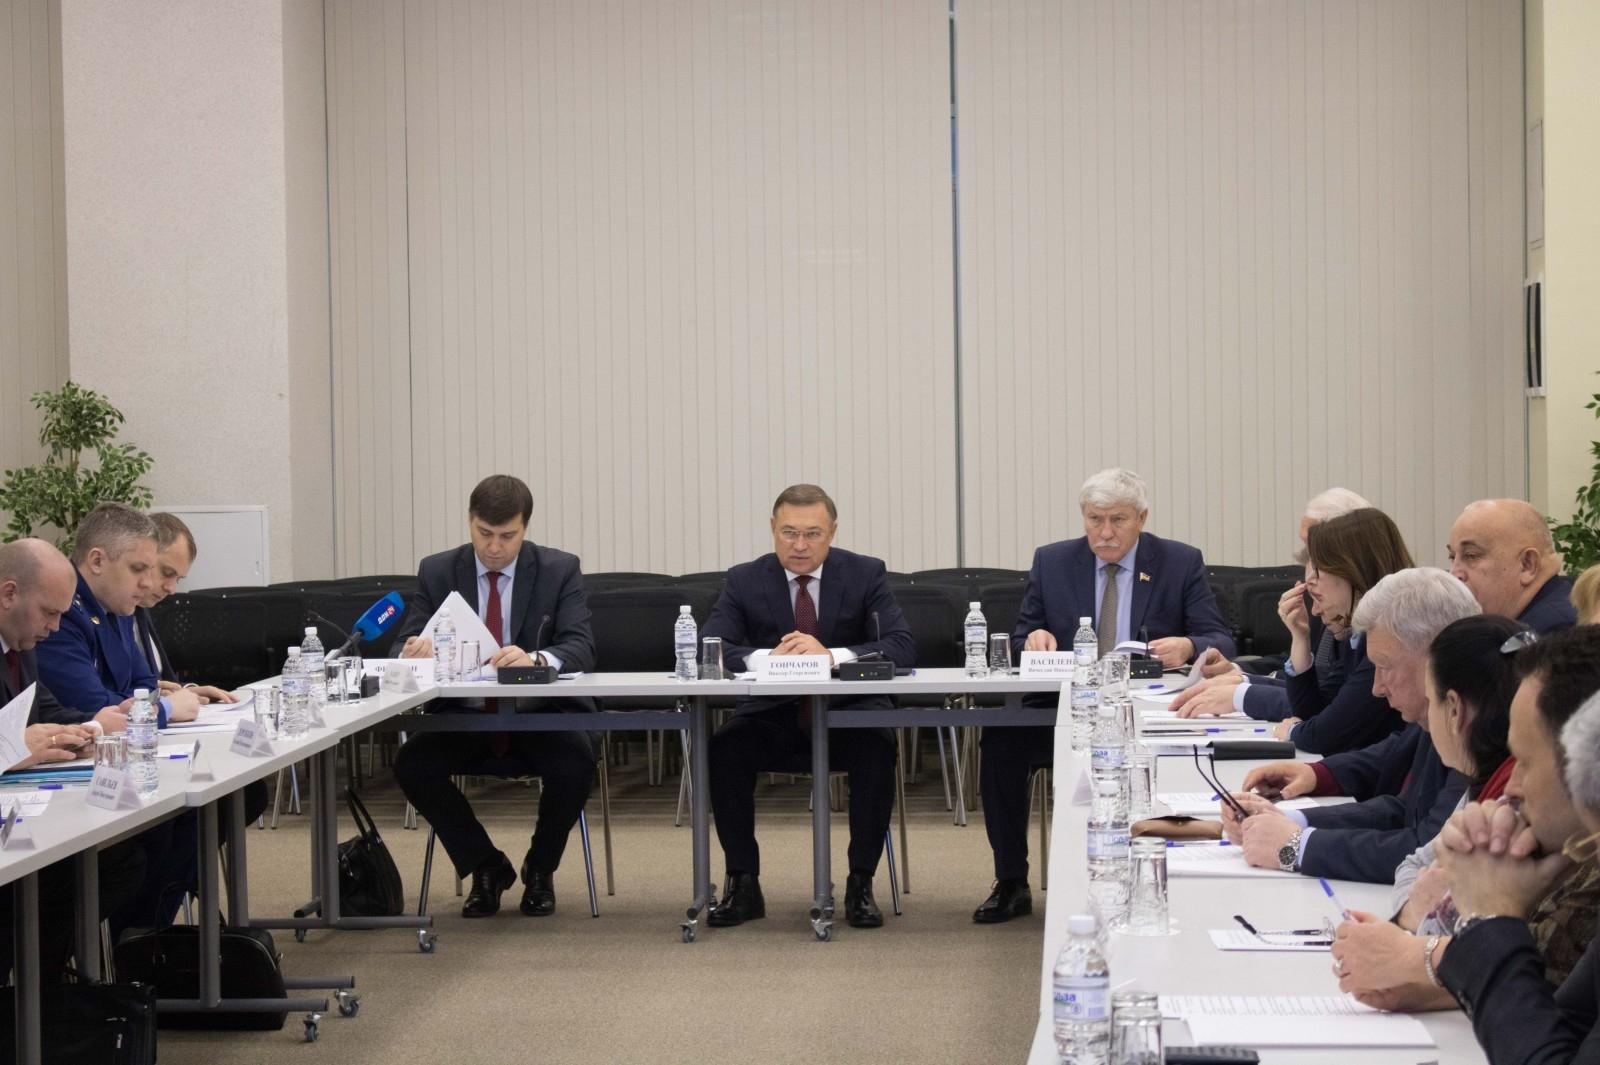 Ликвидировано 72% свалочных очагов нанесенных на «Интерактивную карту свалок» ОНФ в Ростовской области